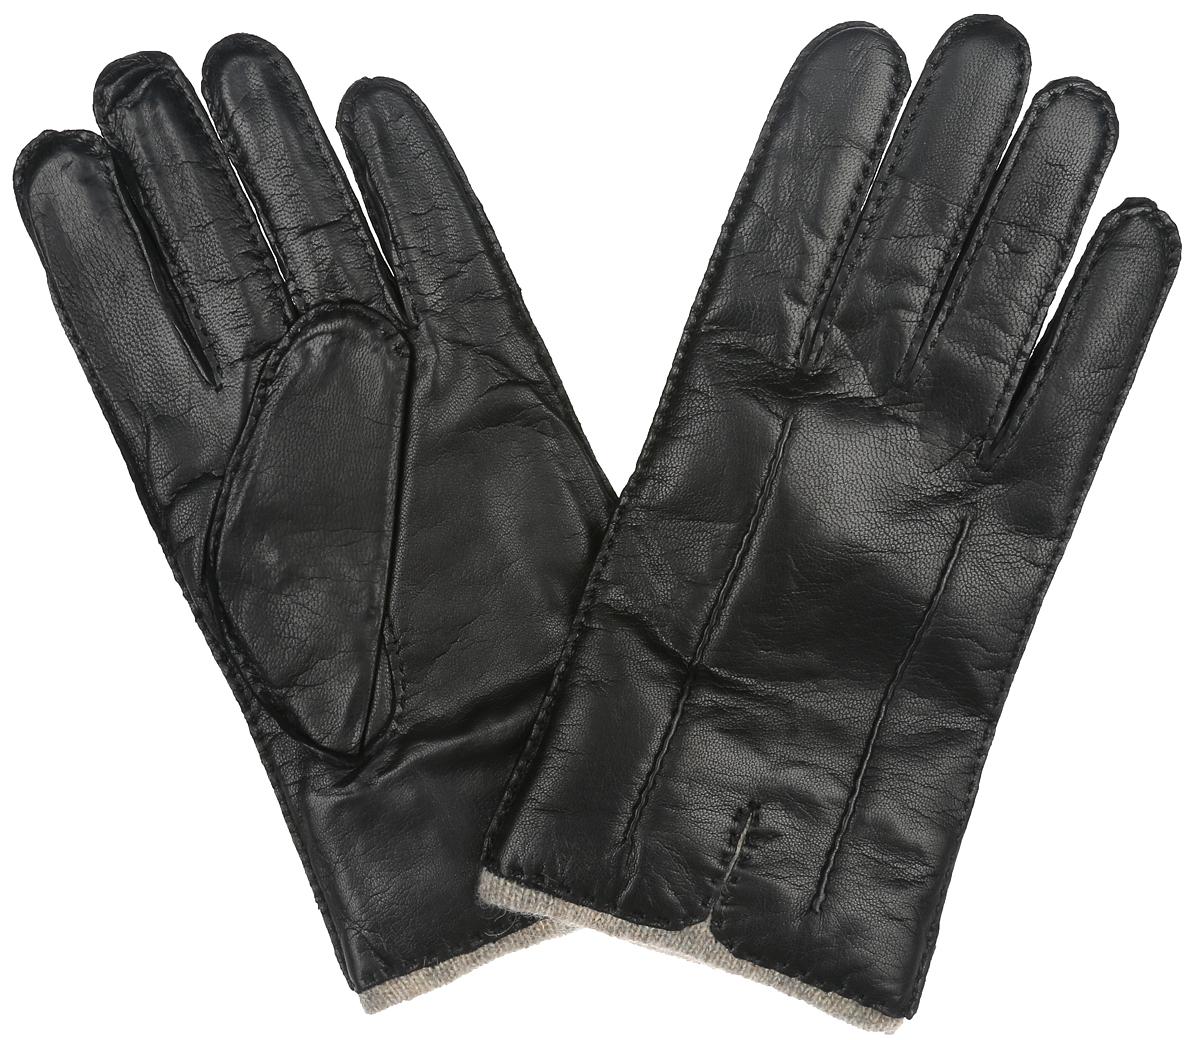 Перчатки мужские Labbra, цвет: черный. LB-0013. Размер 8,5LB-0013Стильные мужские перчатки Labbra выполнены из чрезвычайно мягкой иприятной на ощупь натуральной кожи ягненка, а их подкладка - из натуральнойшерсти с добавлением акрила. Модель декорирована оригинальной прострочкой в тон изделия. В настоящее время перчатки являютсянеотъемлемой принадлежностью одежды. Перчатки станут завершающим иподчеркивающим элементом вашего стиля и неповторимости.